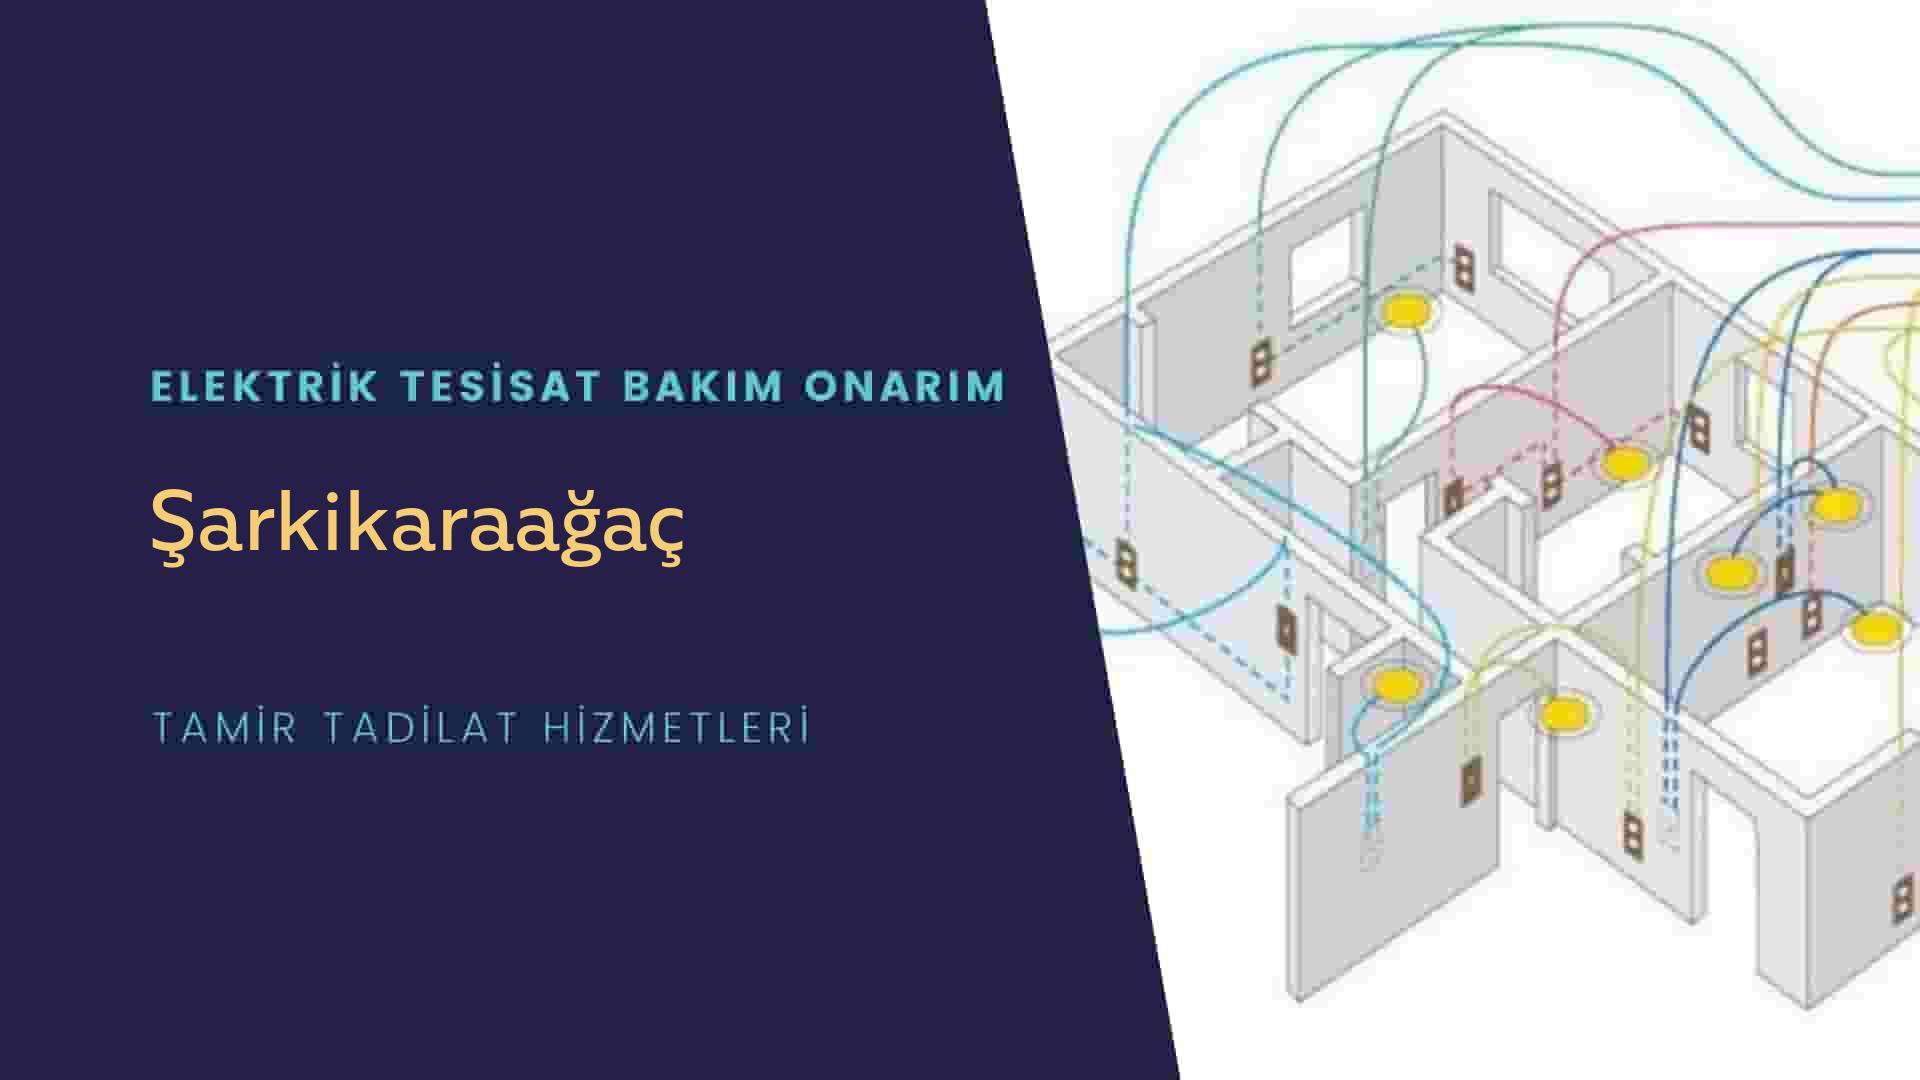 Şarkikaraağaç'ta elektrik tesisatıustalarımı arıyorsunuz doğru adrestenizi Şarkikaraağaç elektrik tesisatı ustalarımız 7/24 sizlere hizmet vermekten mutluluk duyar.